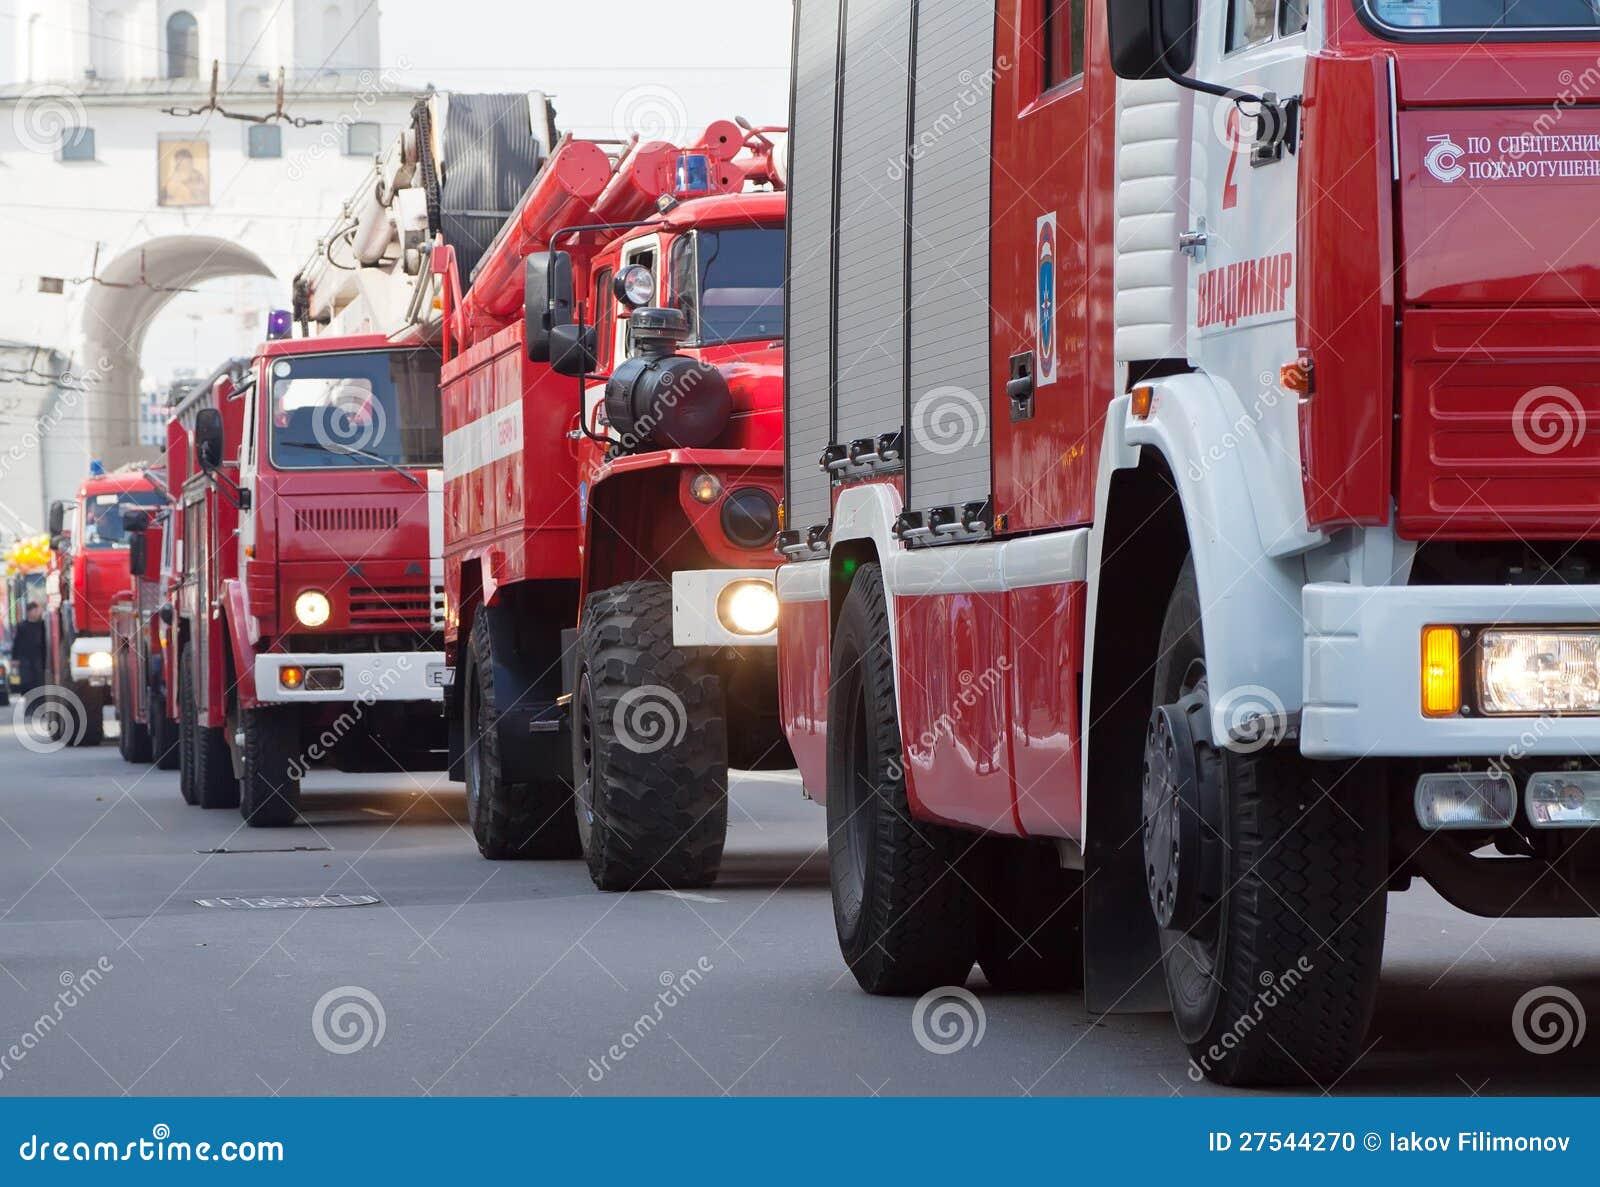 автомобилей и техническое пожарных ремонт обслуживание